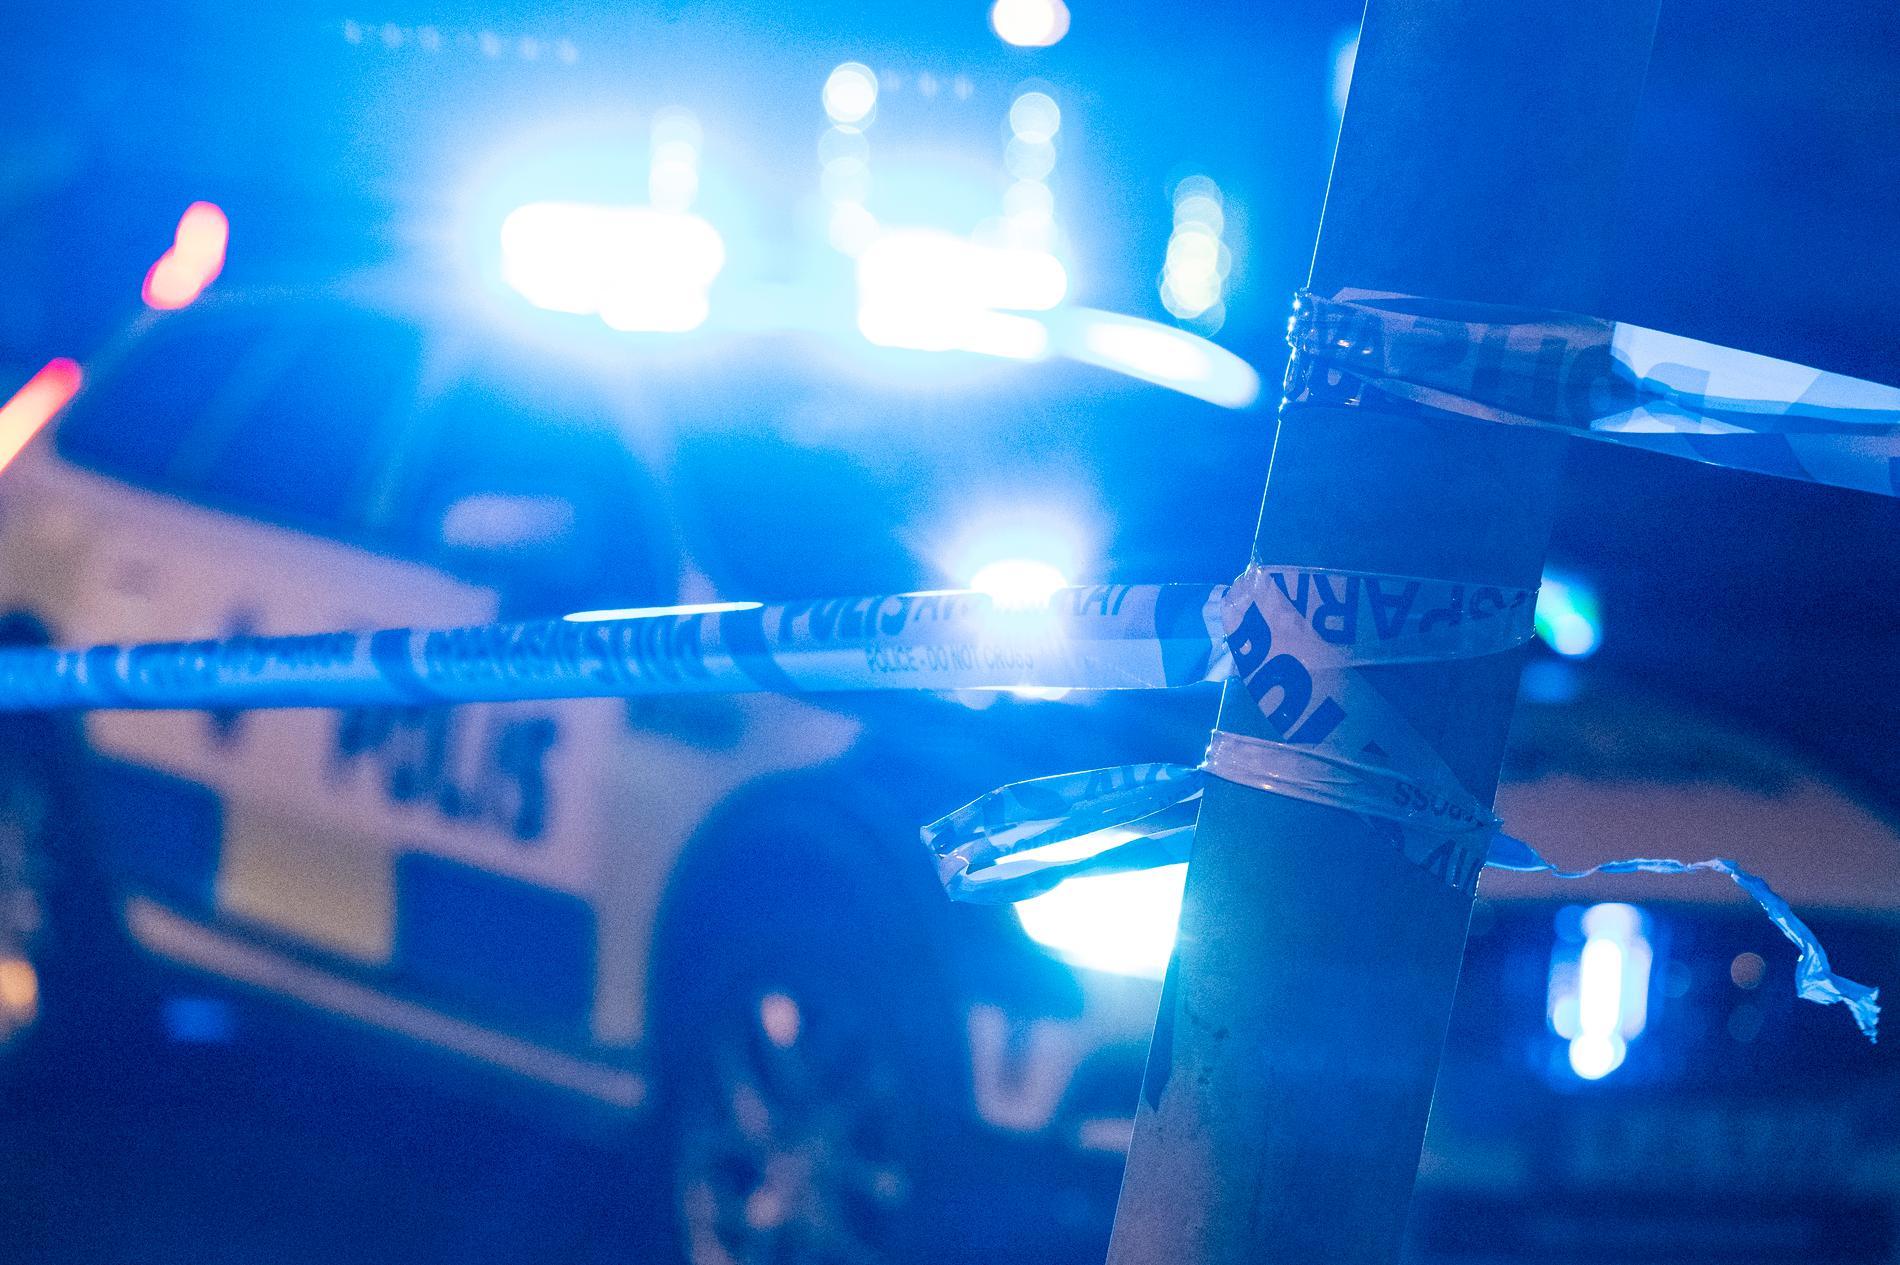 Polisen fick larm om en knivskärning i en lägenhet i Tibro vid 22.15-tiden på måndagen. Arkivbild.